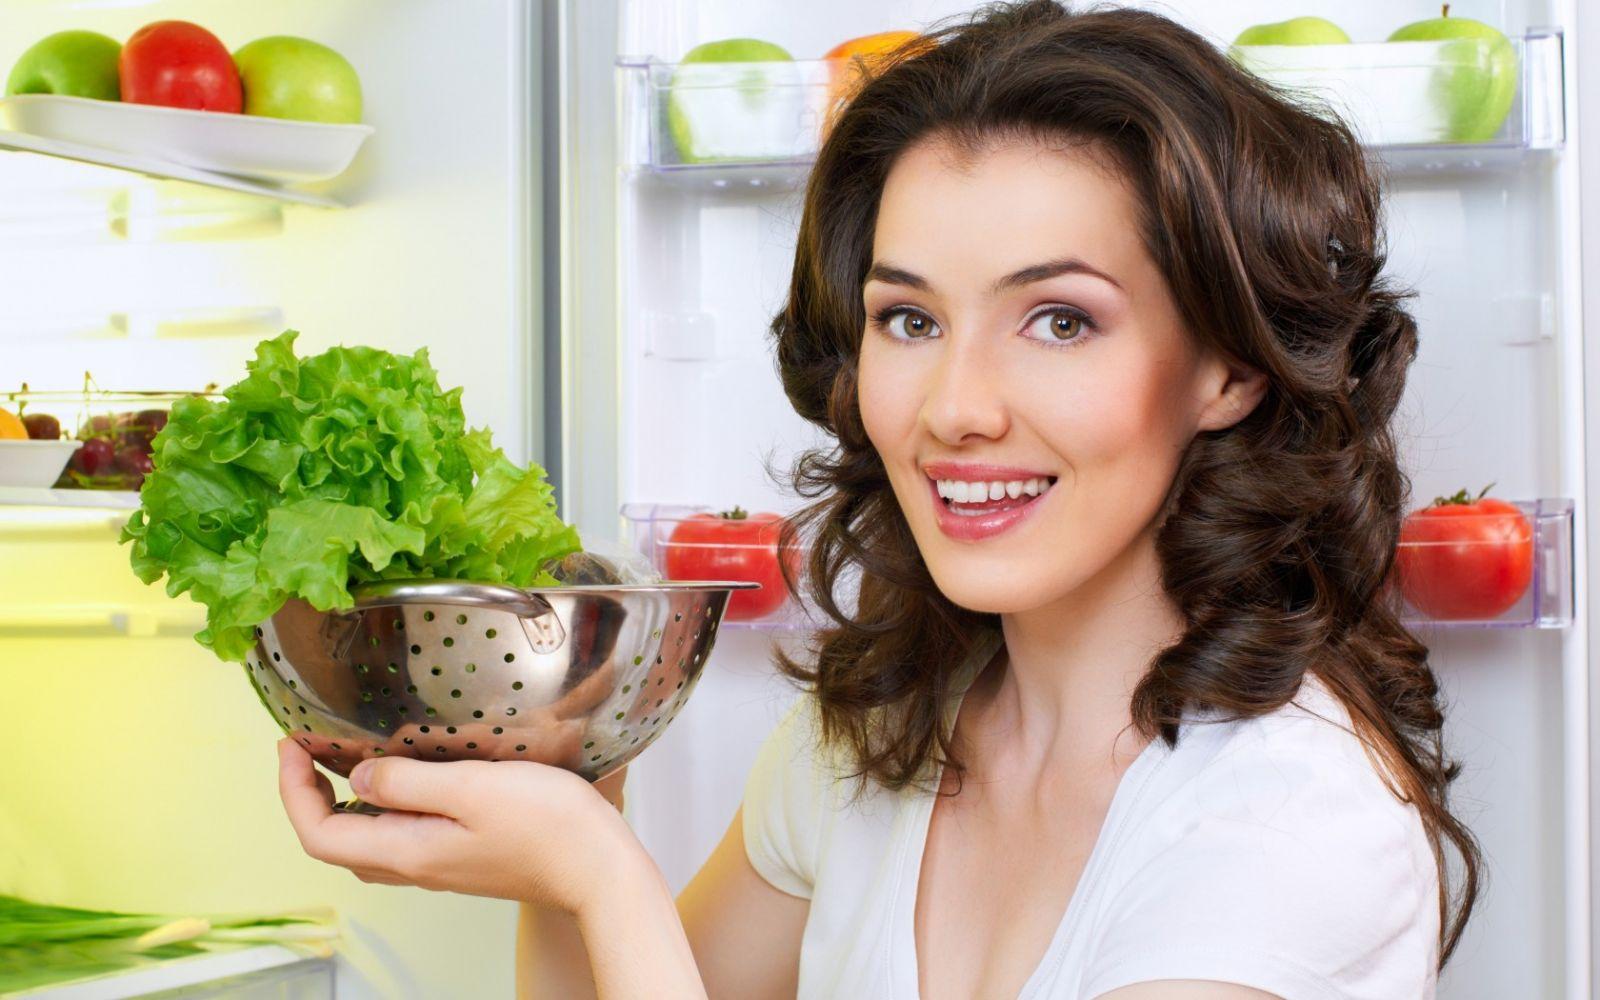 Вкусно есть и худеть еда для похудения